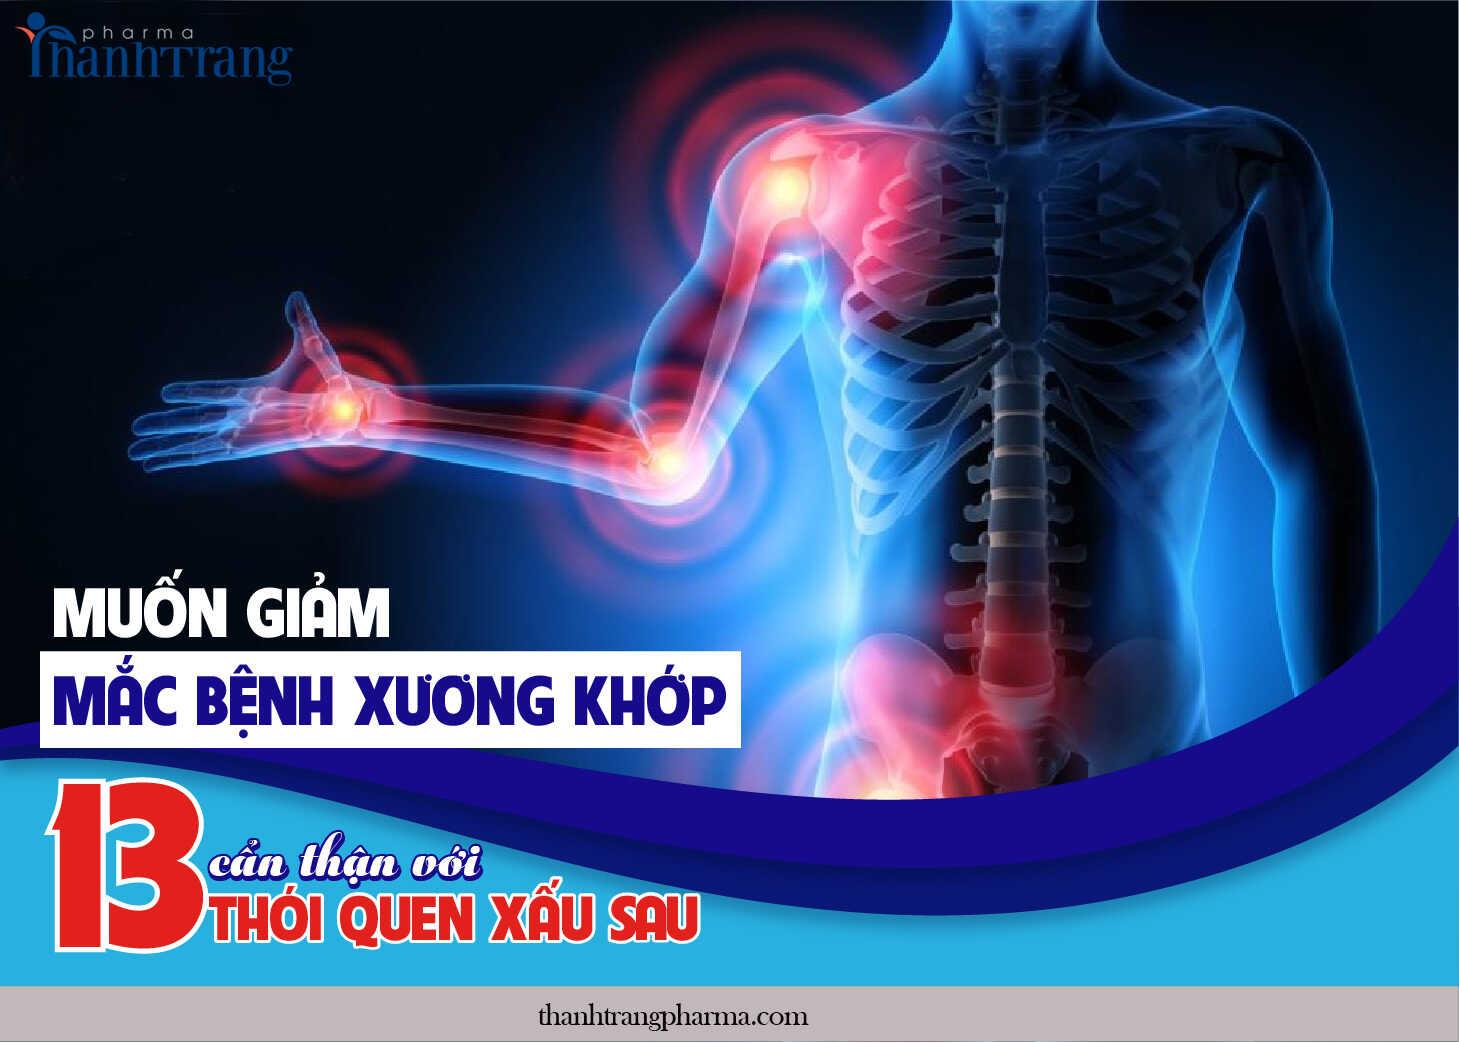 Muốn giảm mắc bệnh xương khớp, cẩn thận với 13 thói quen xấu sau